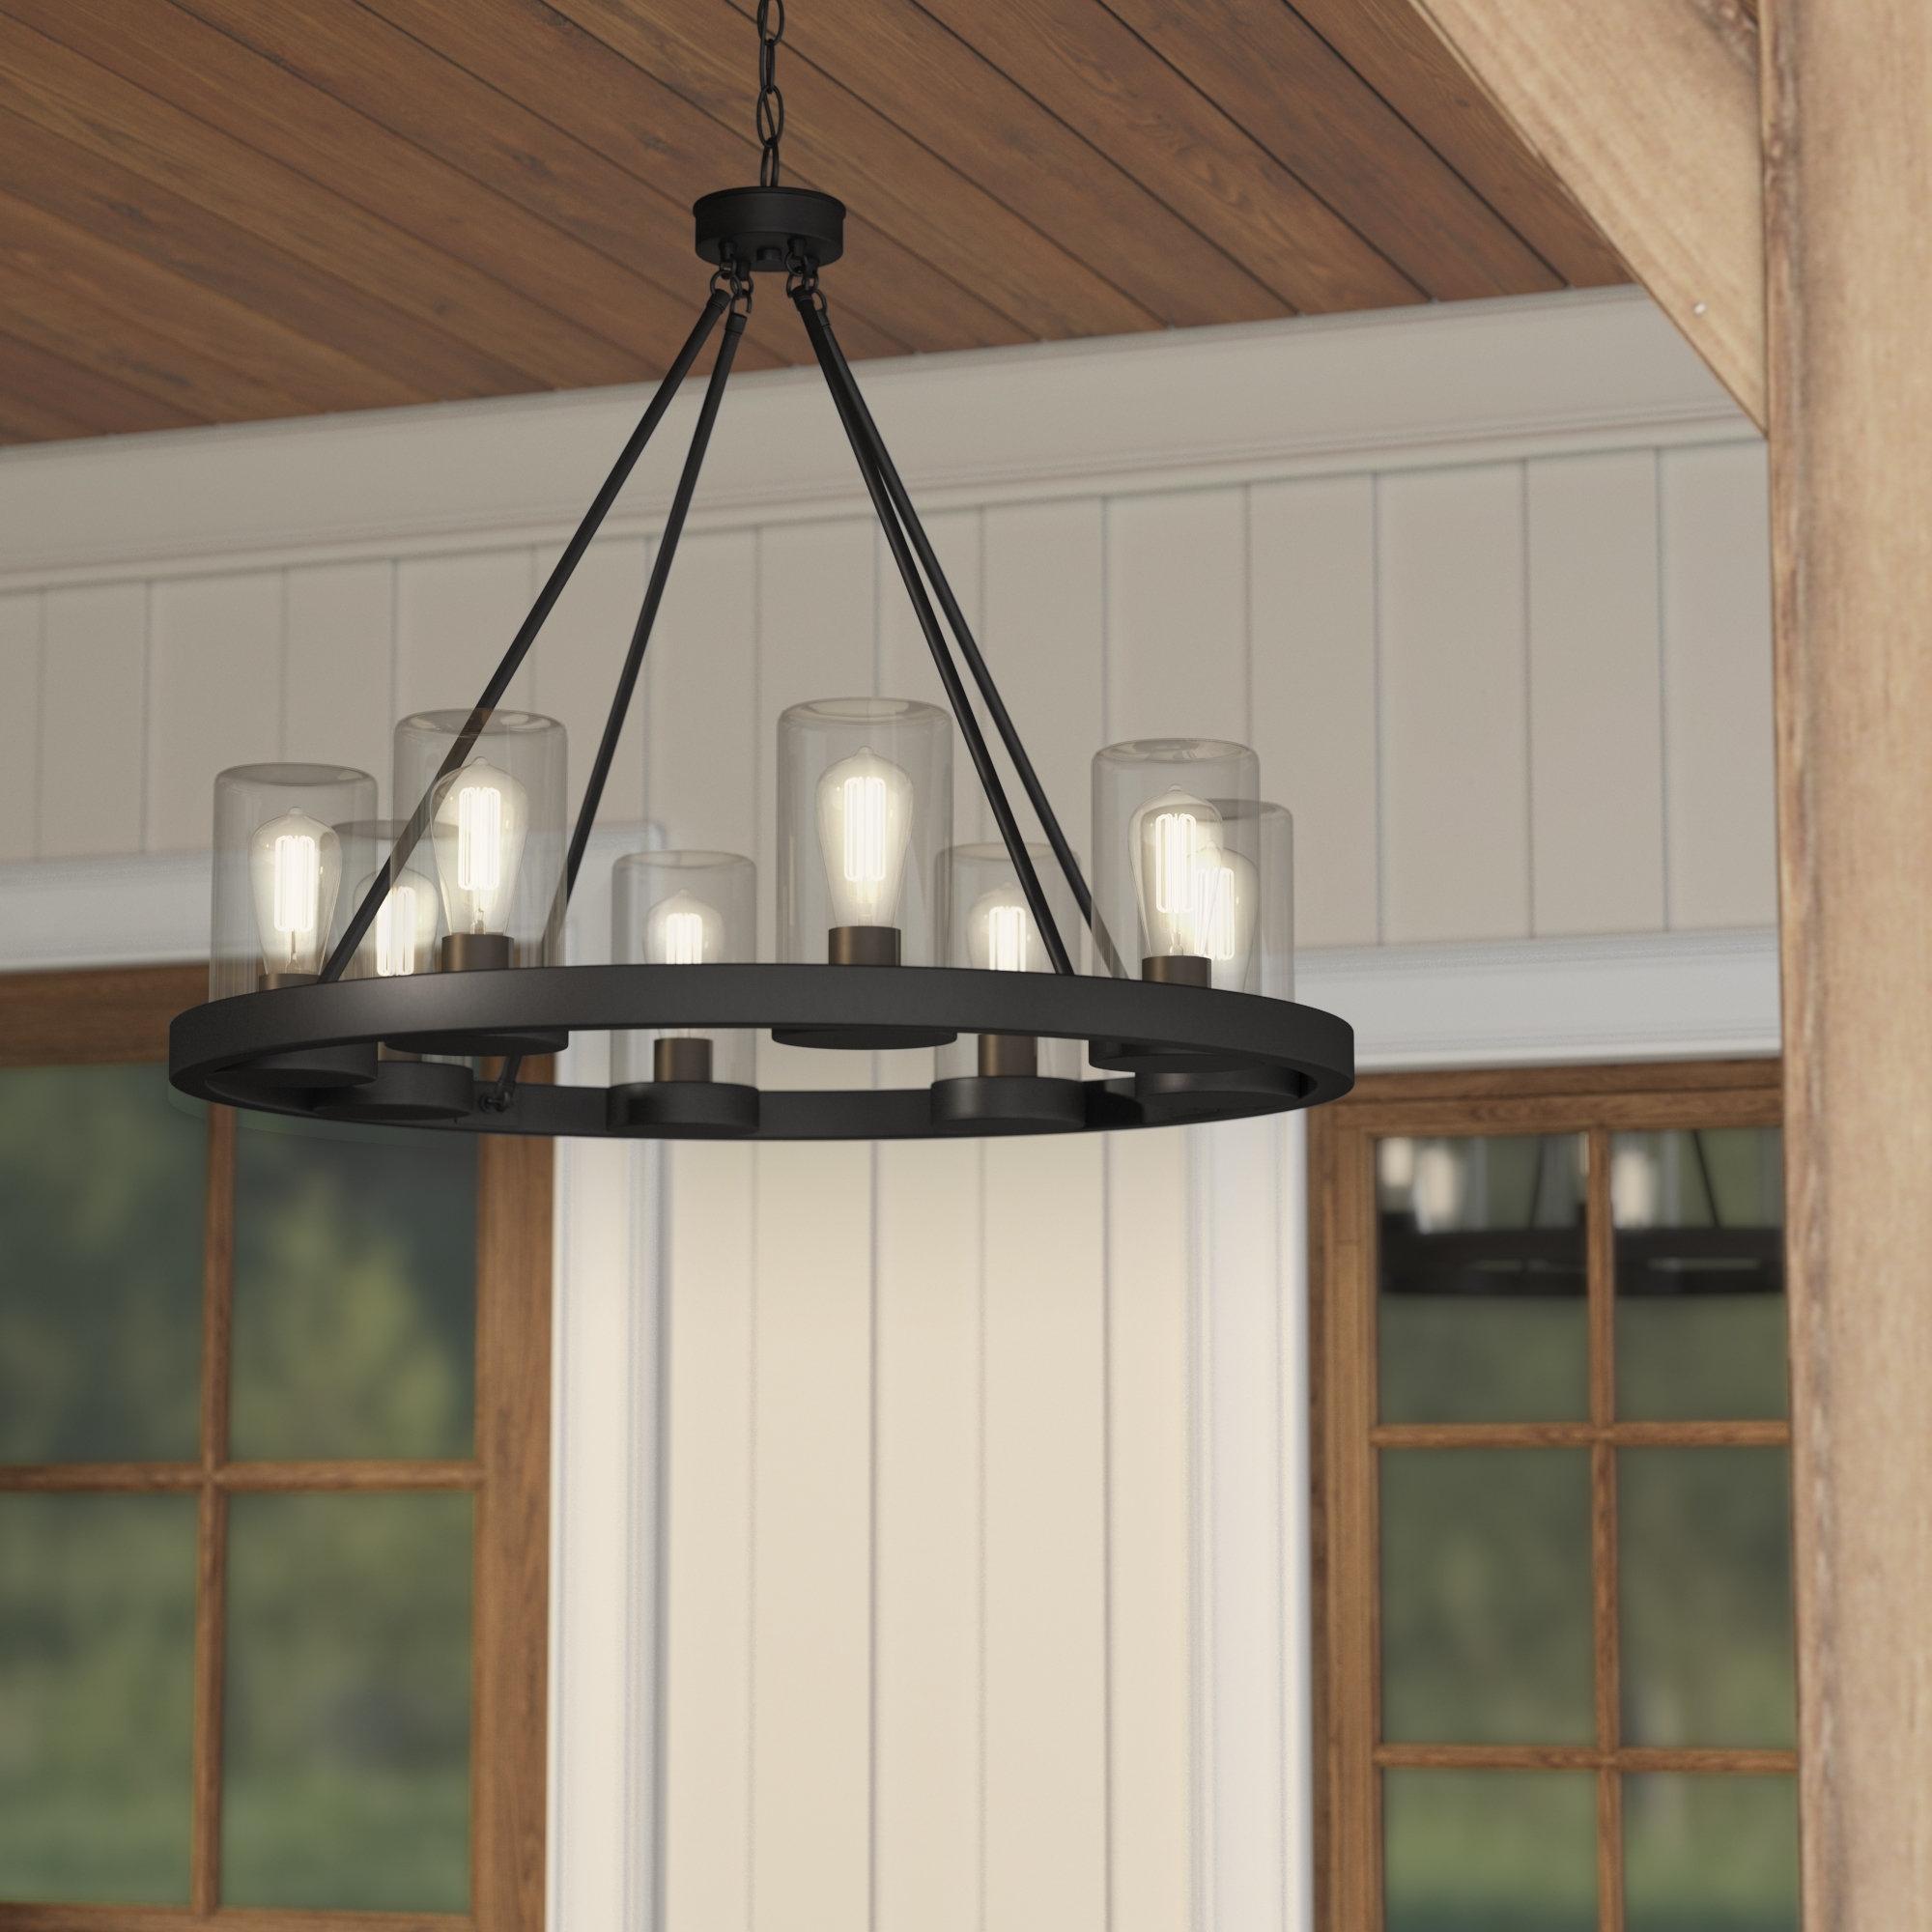 Wayfair Outdoor Hanging Lighting Fixtures With Regard To Popular Outdoor Hanging Lights You'll Love (View 17 of 20)